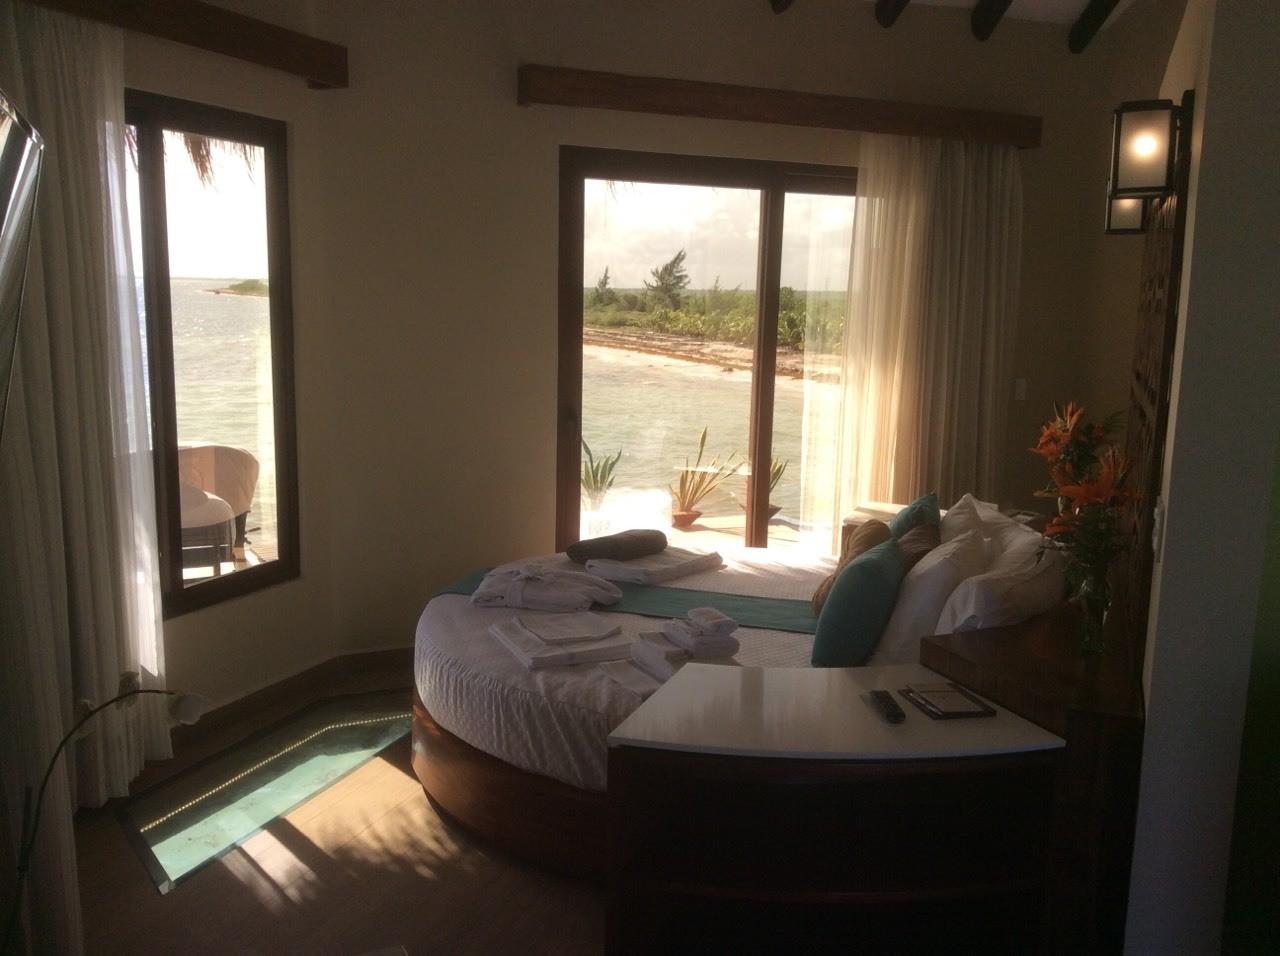 Round Bed in Over Water Suites at El Dorado Maroma